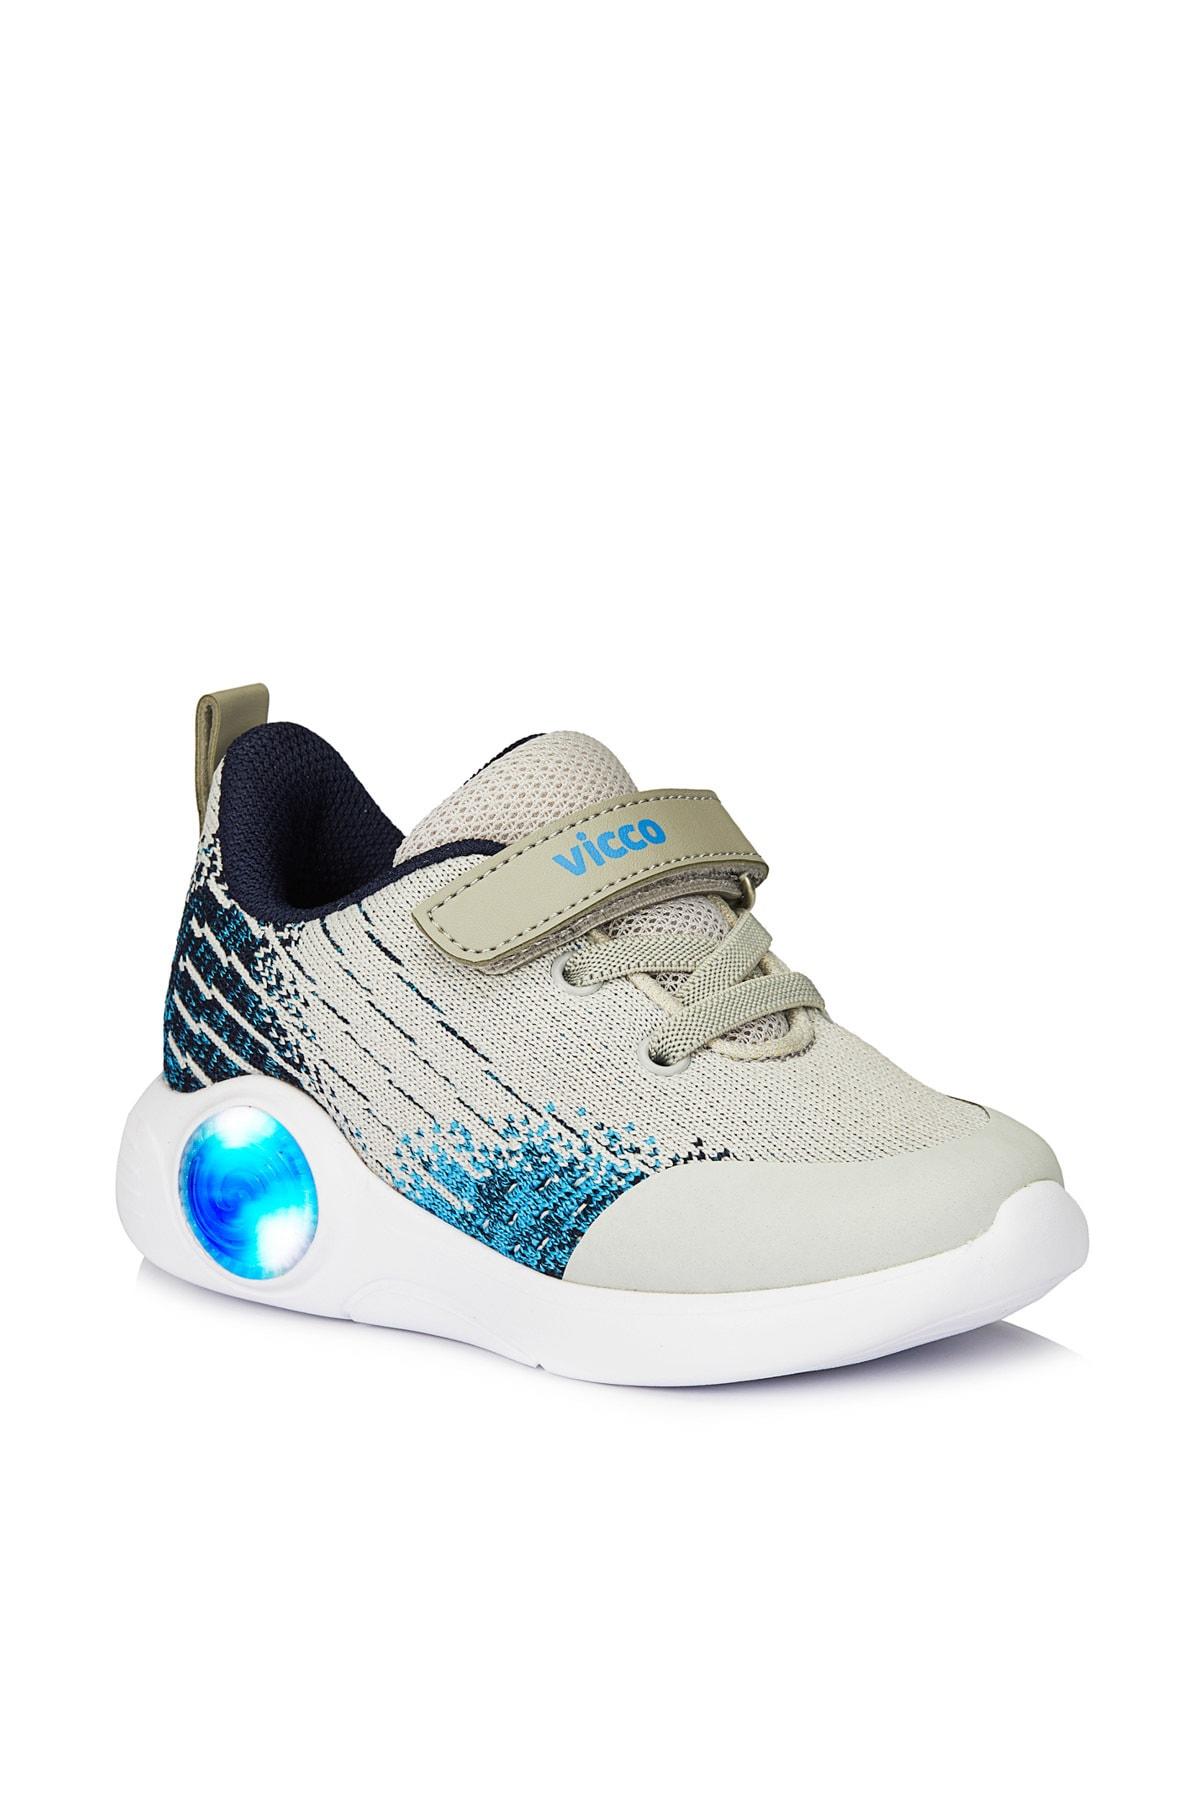 Vicco Neo Erkek Bebe Gri Spor Ayakkabı 1